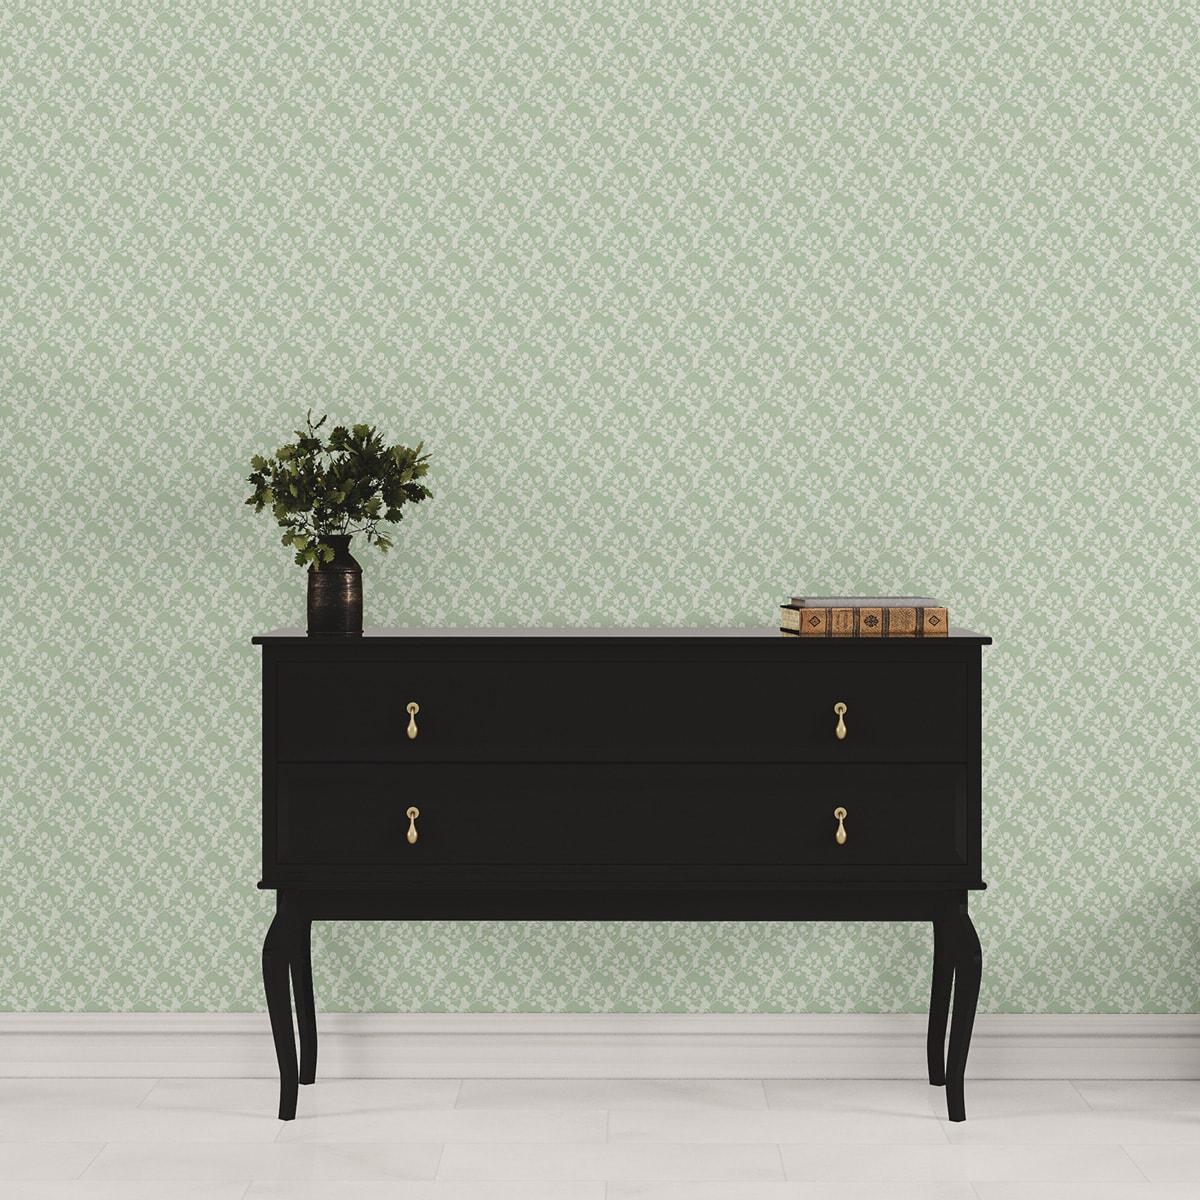 """Tapete für Büroräume grün: Blüten Dolden Tapete """"Sensaina"""", grüne Vlies Tapete Blumen, delikate, leichte Blumentapete für Flur, Büro"""